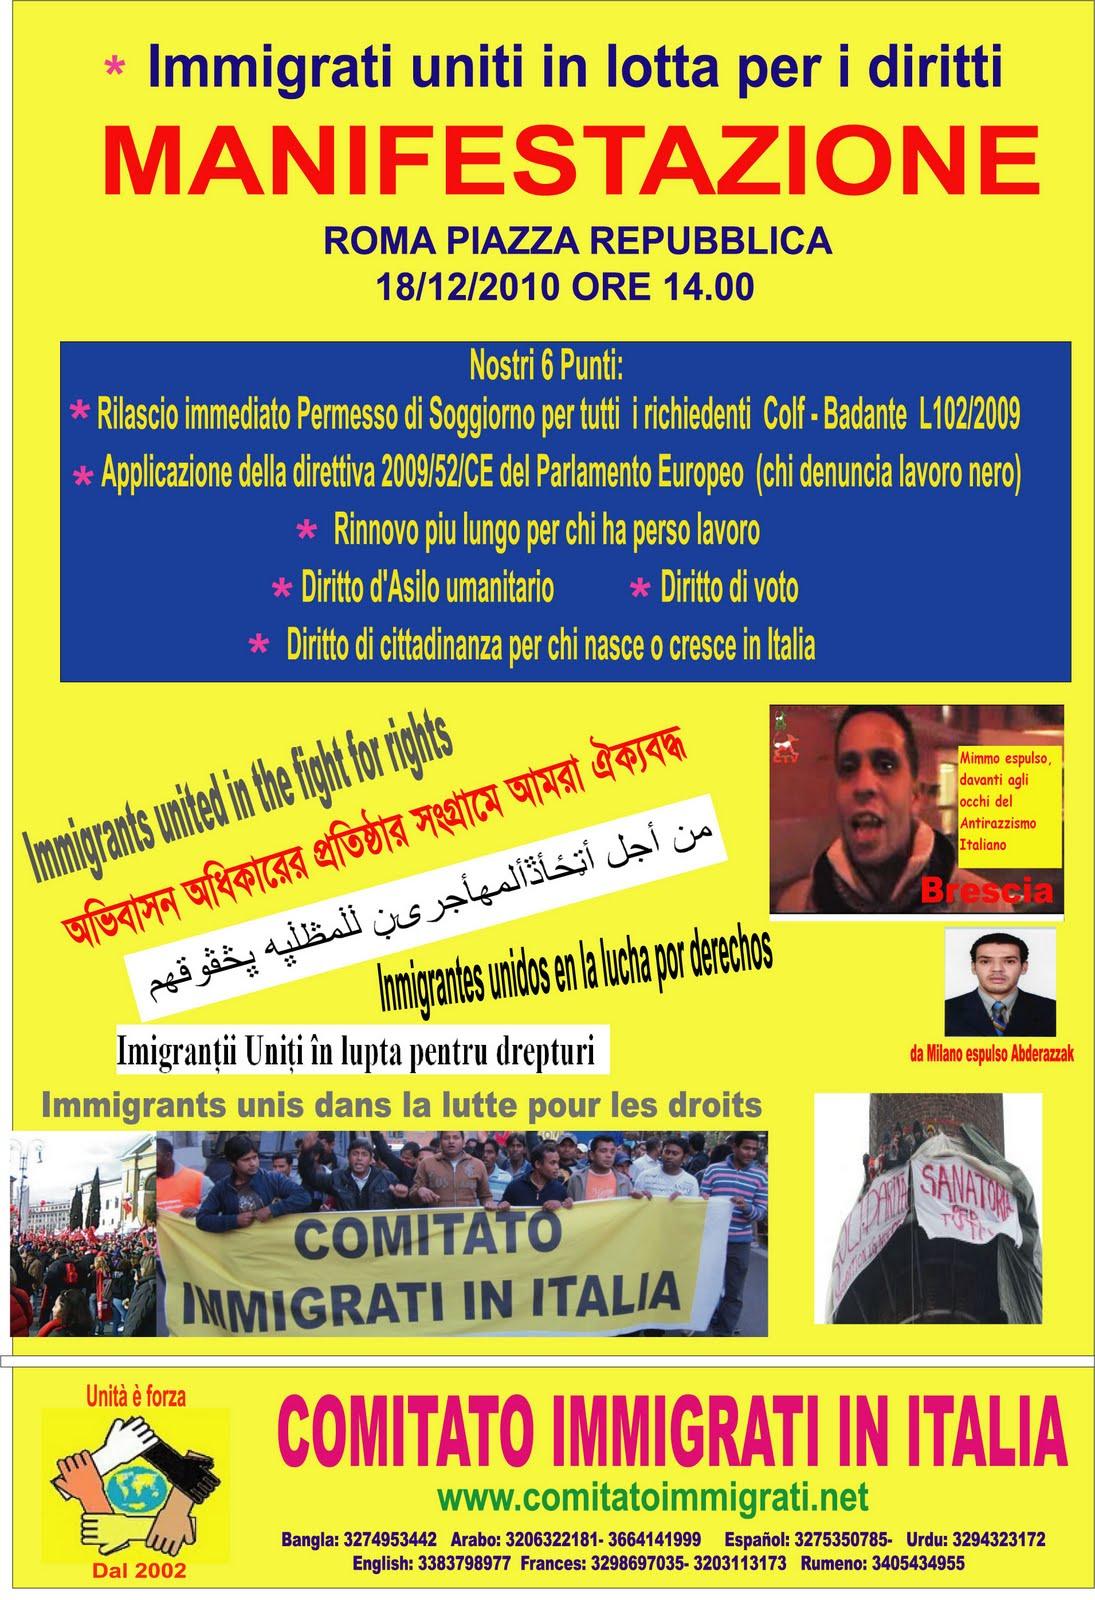 Comitato Immigrati in Italia